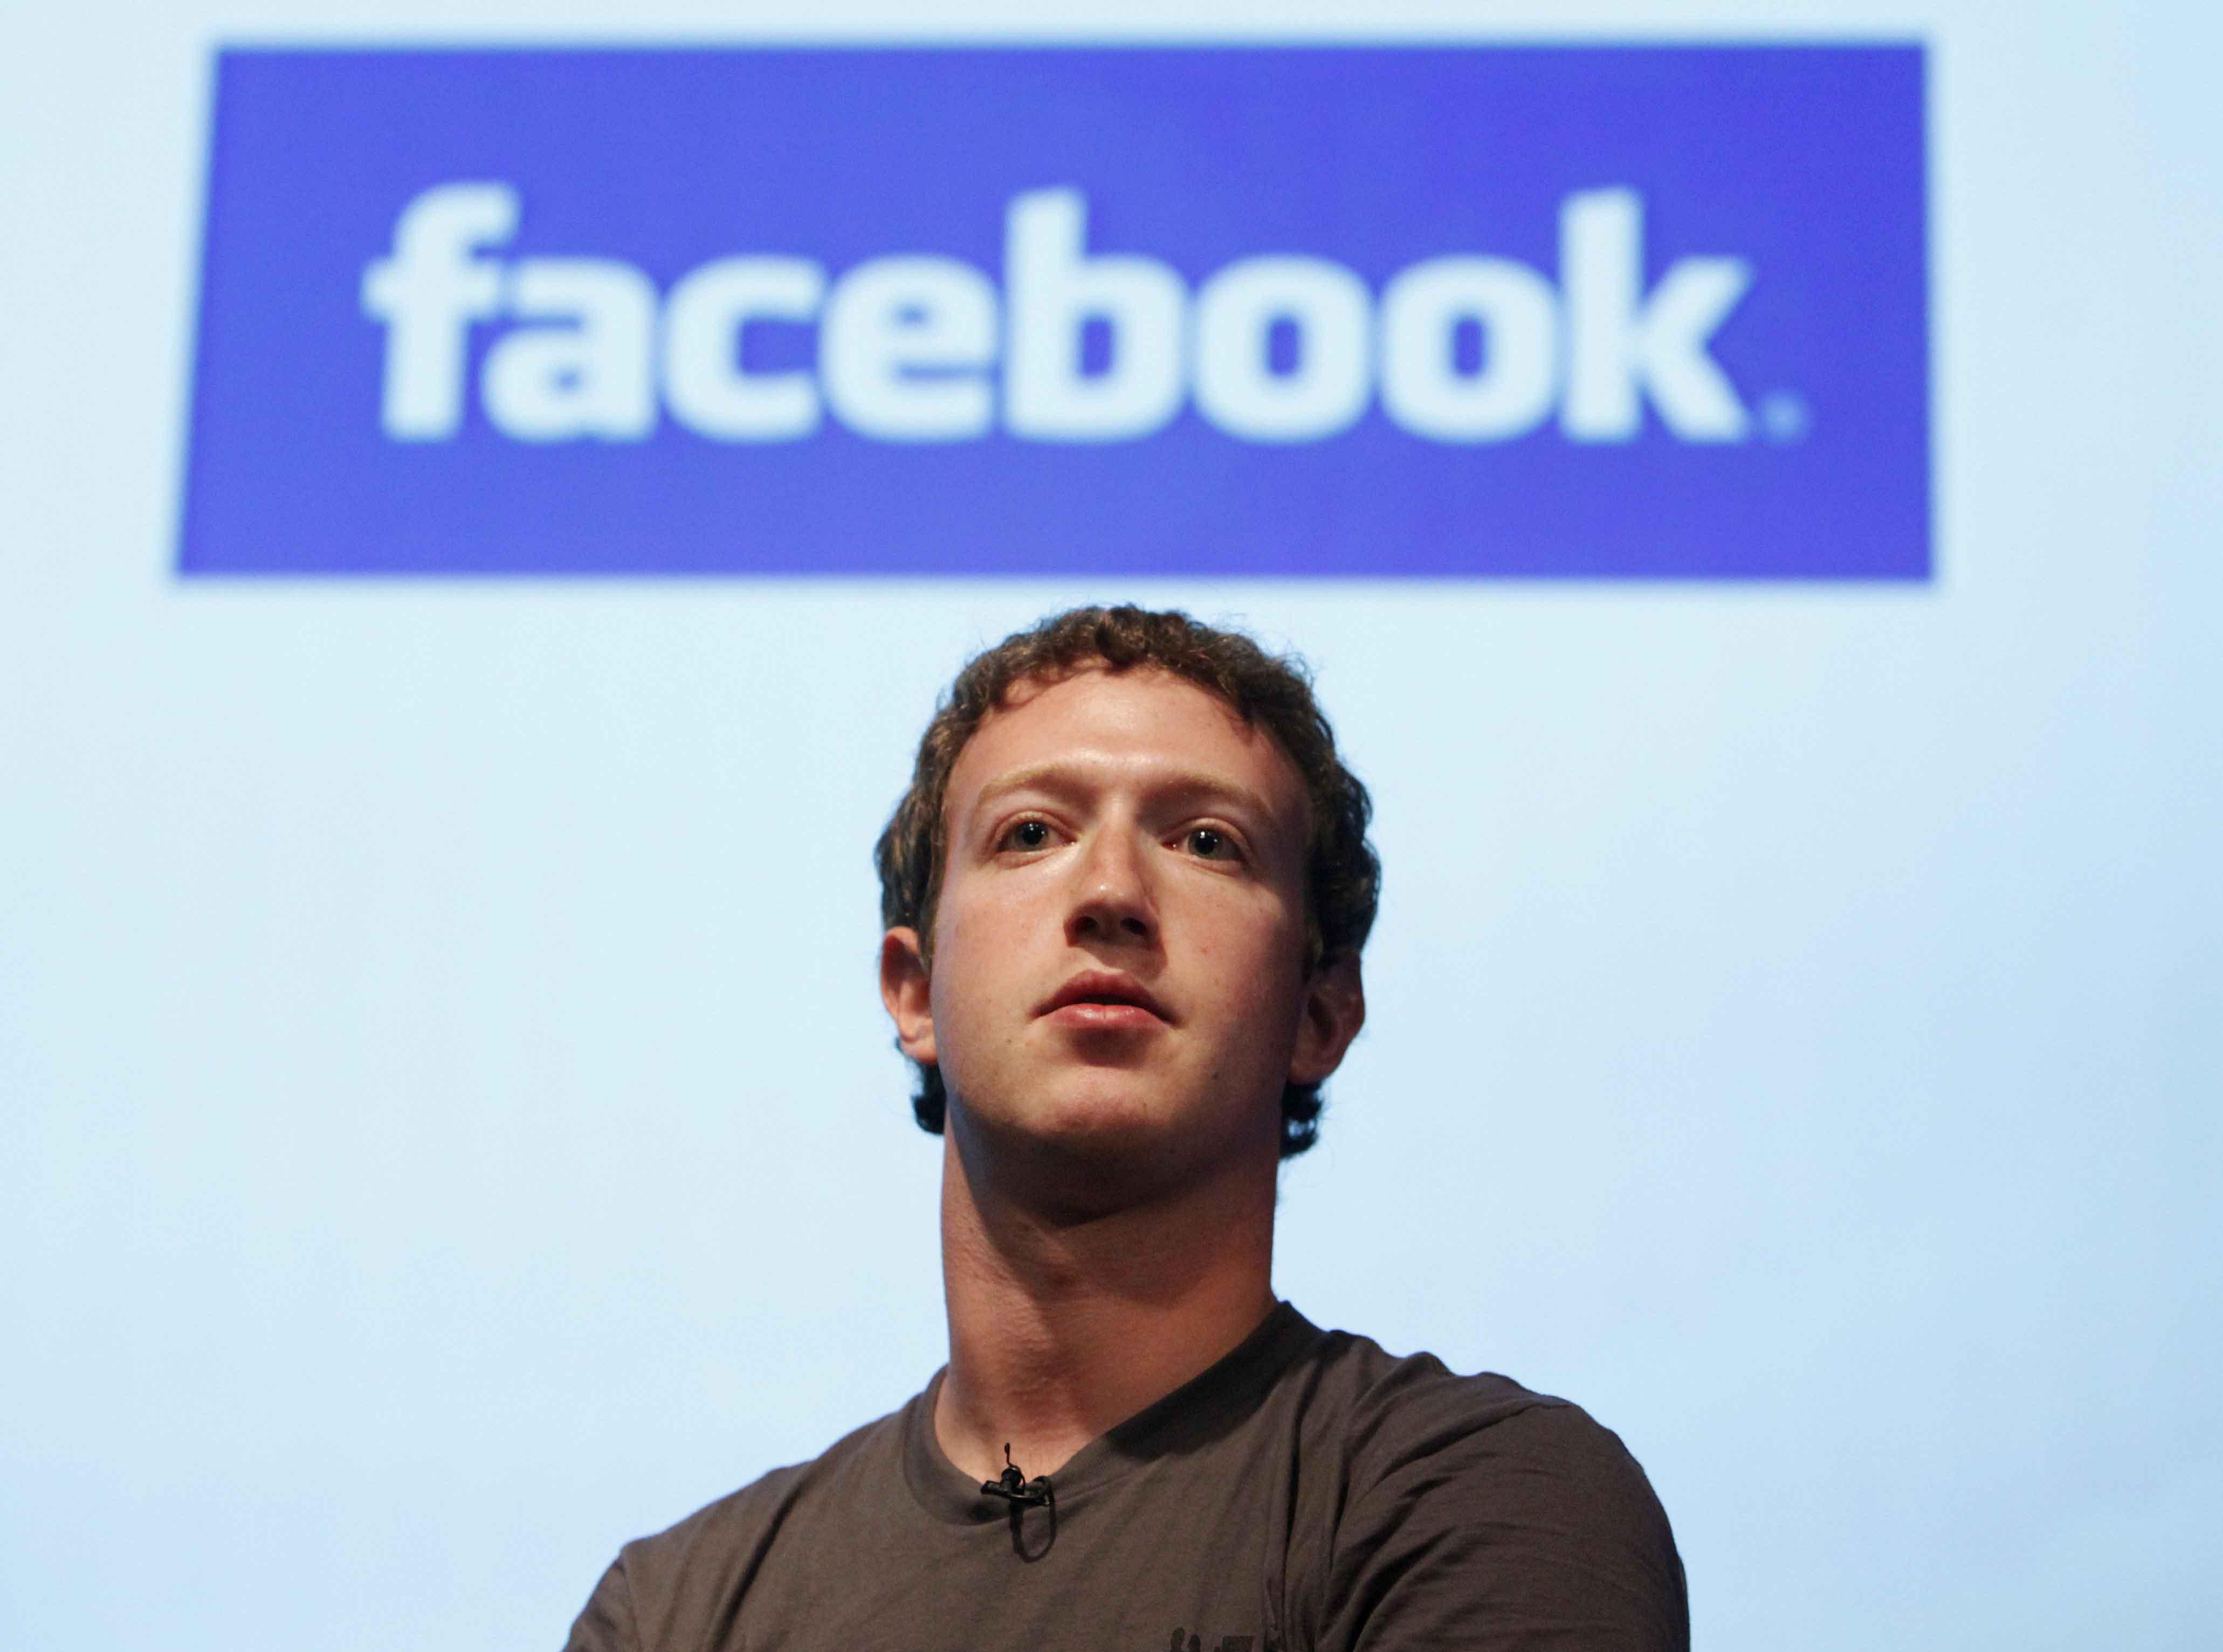 mark zuckerberg facebook wallpaper photos 59729